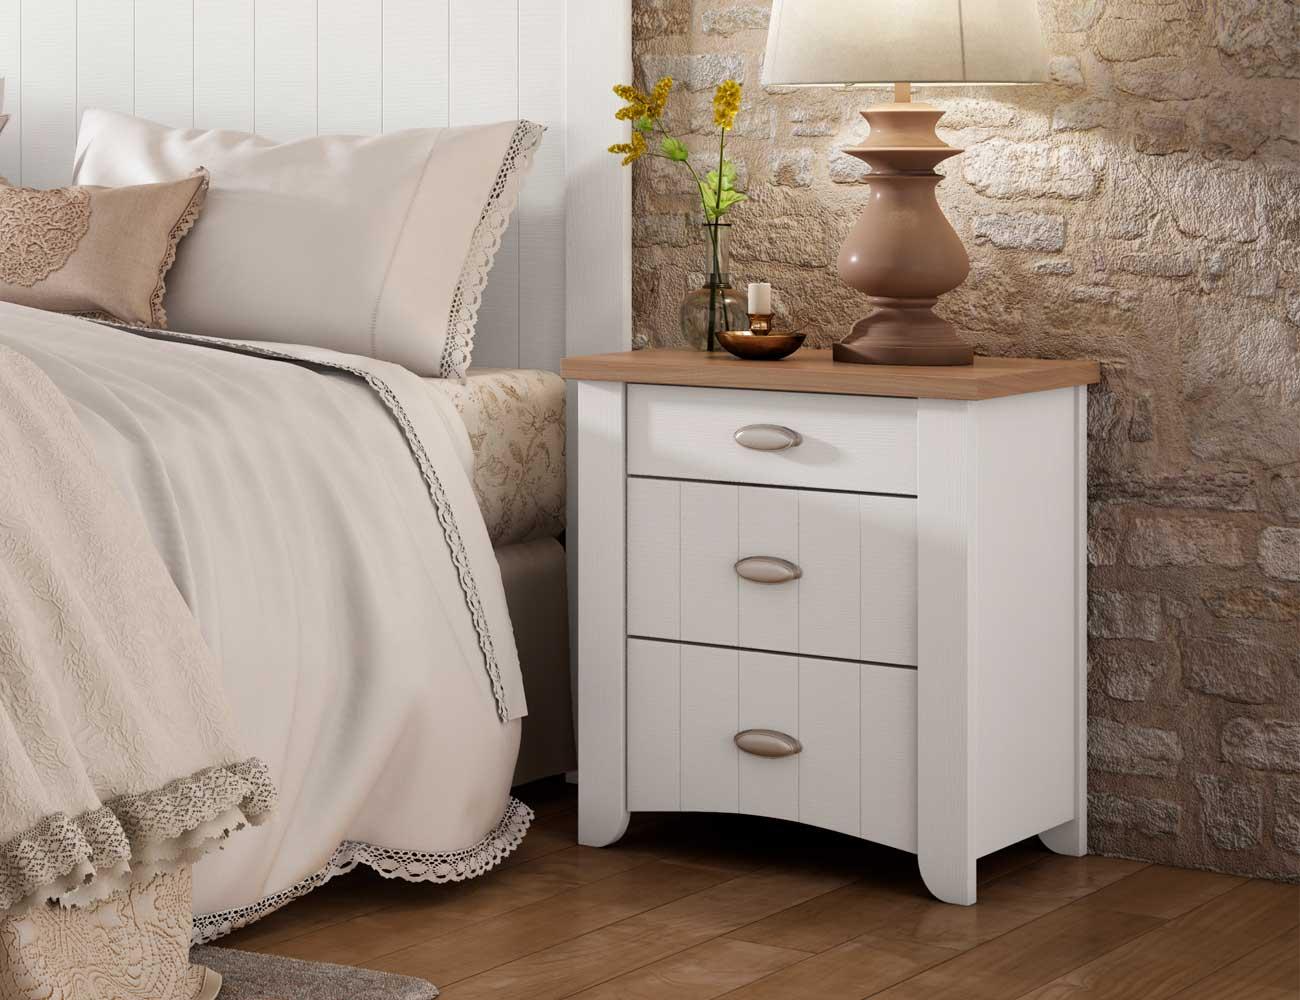 Dormitorio de matrimonio Wind de estilo colonial en blanco (23212